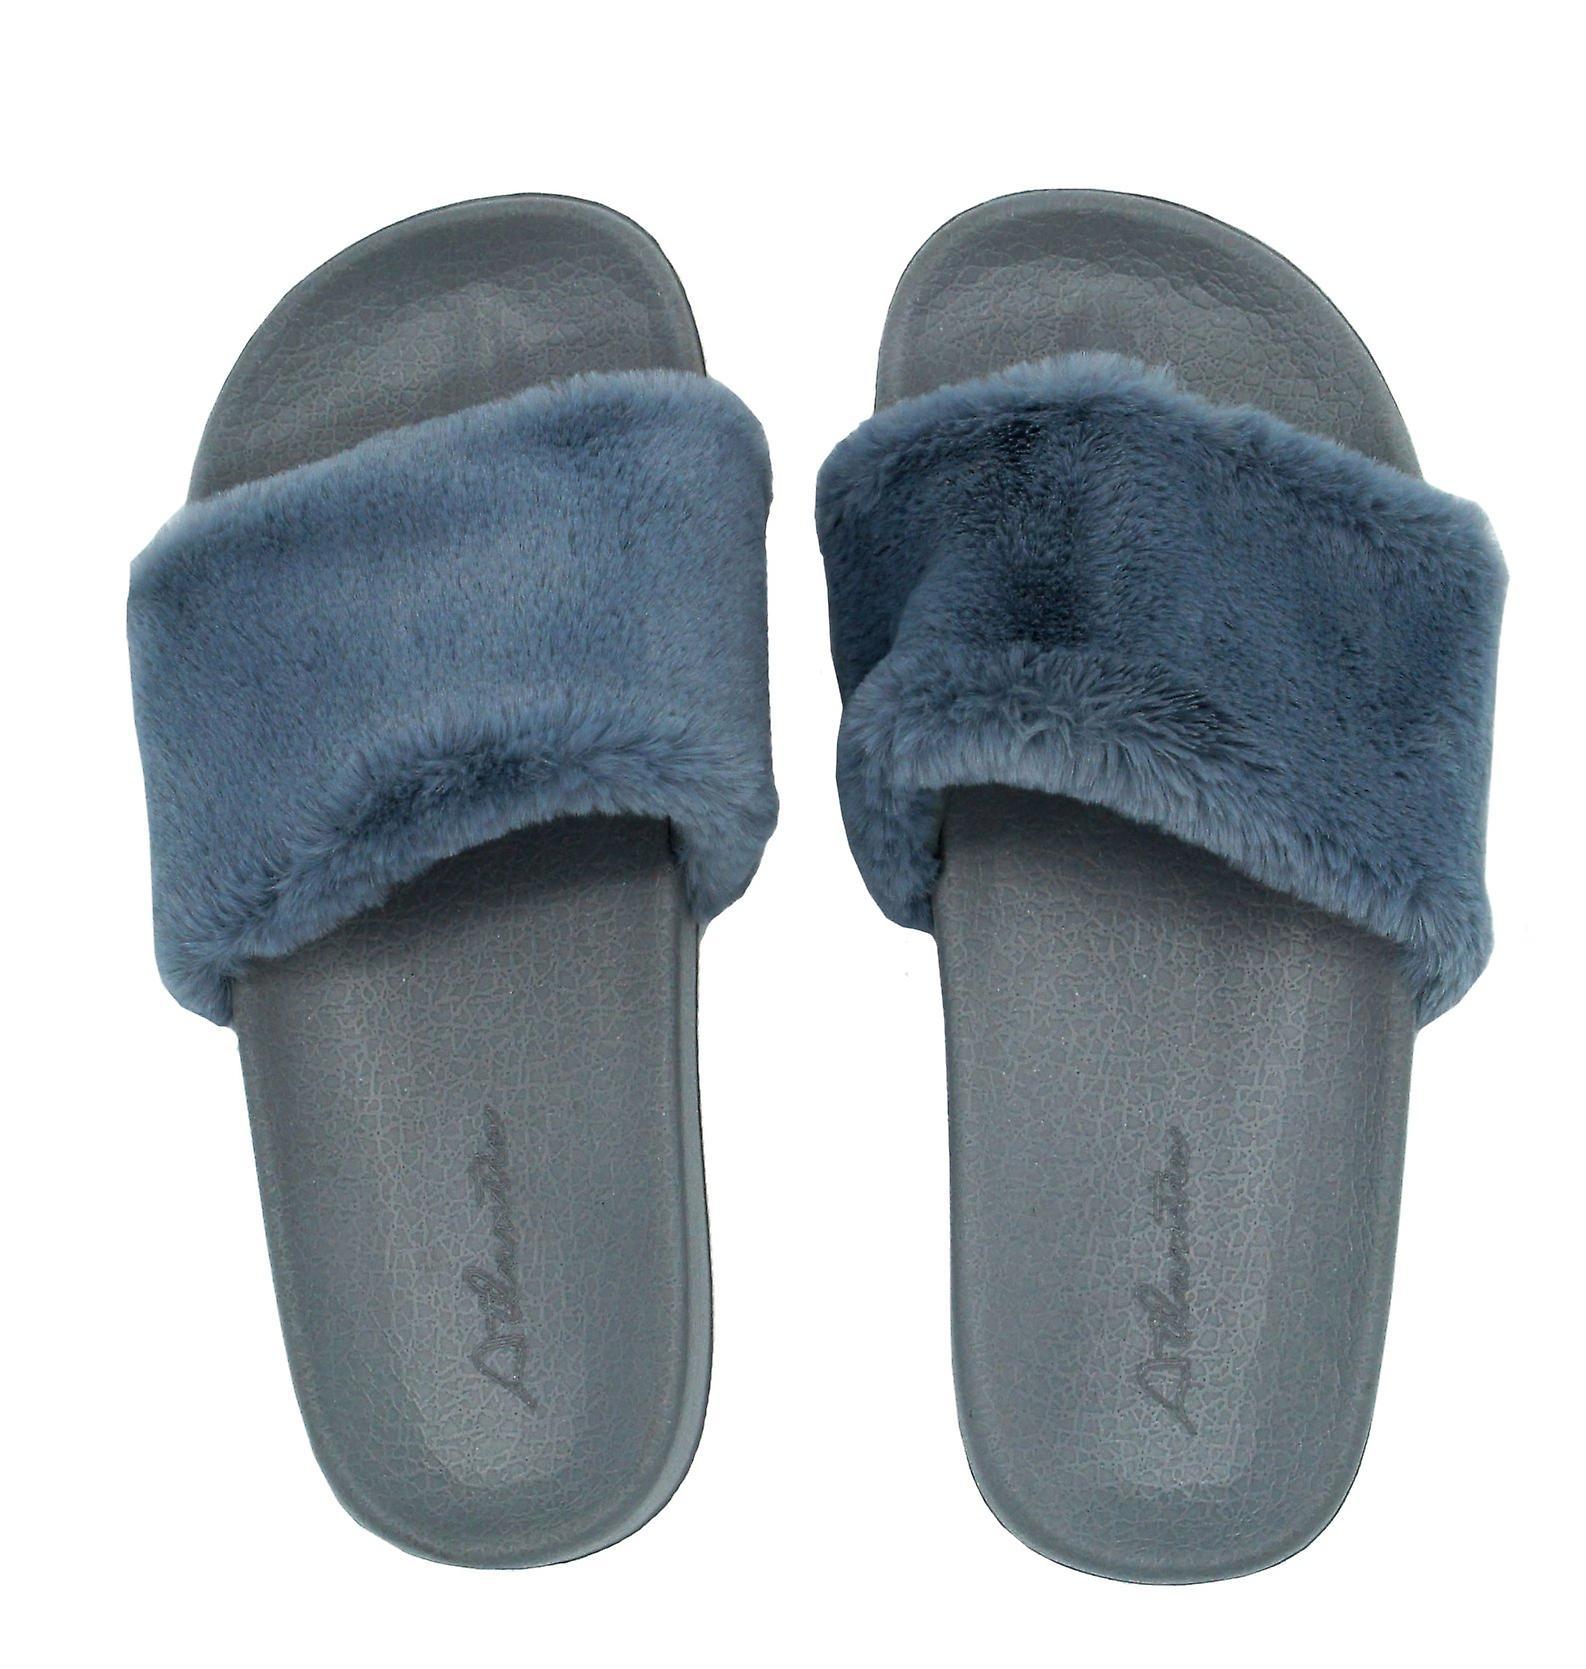 Fluffy grey slides